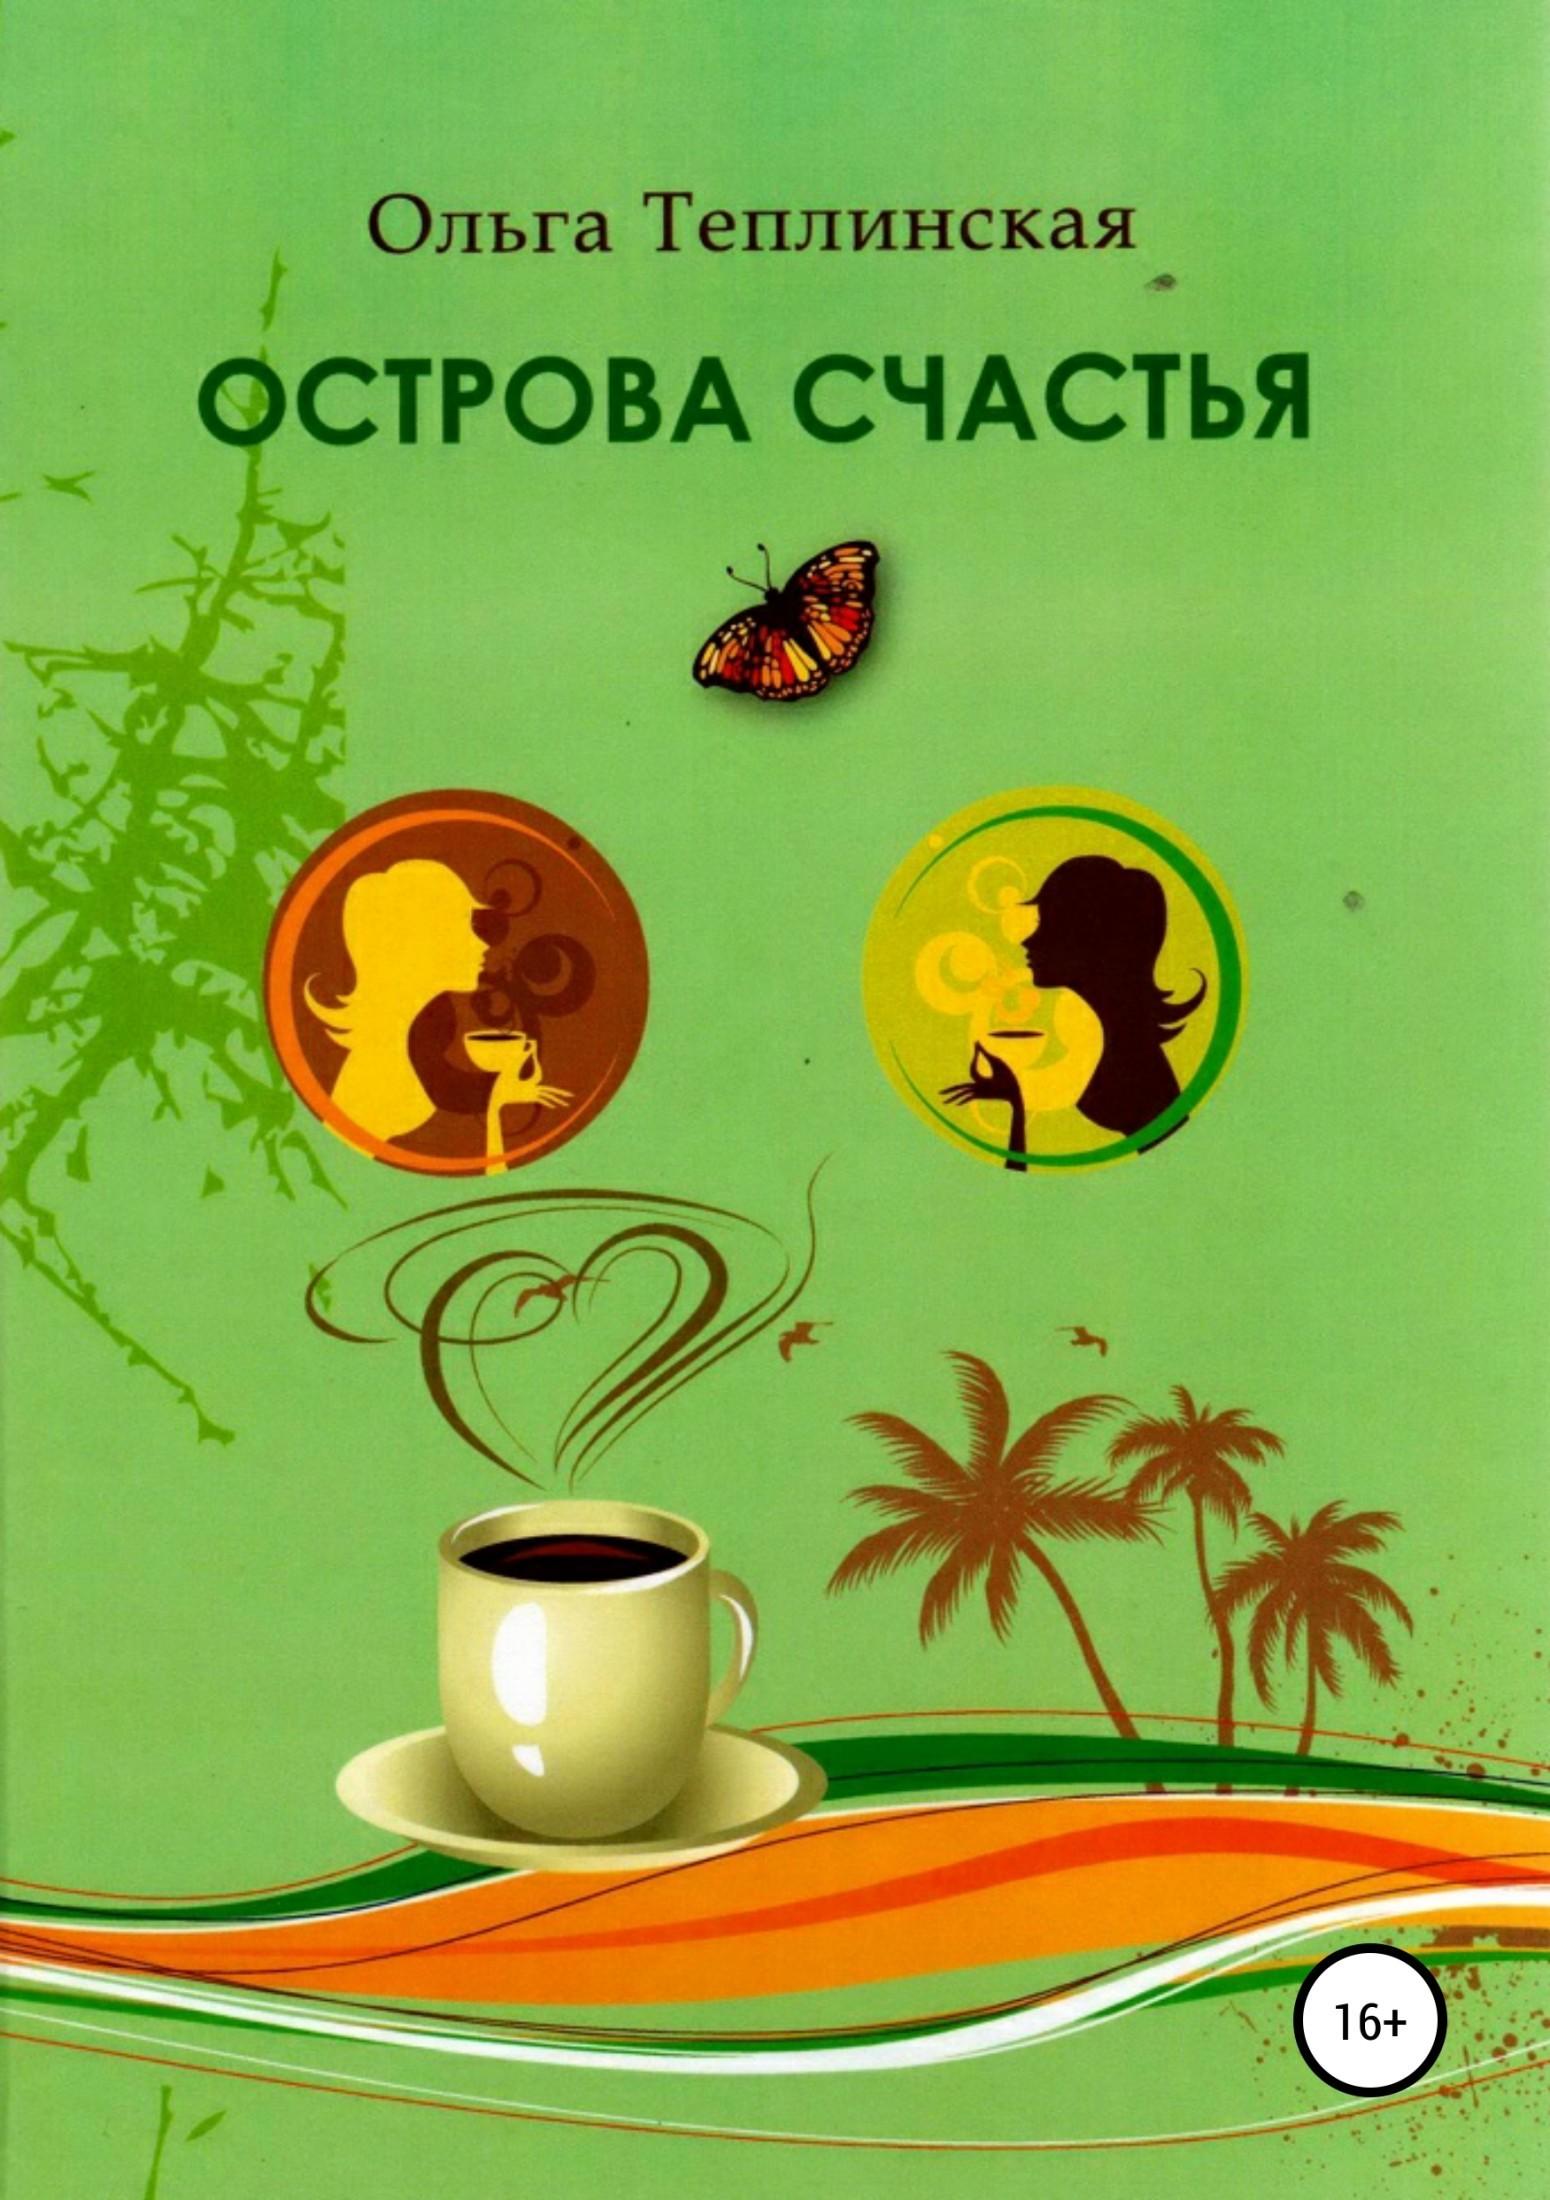 Ольга Теплинская - Острова счастья